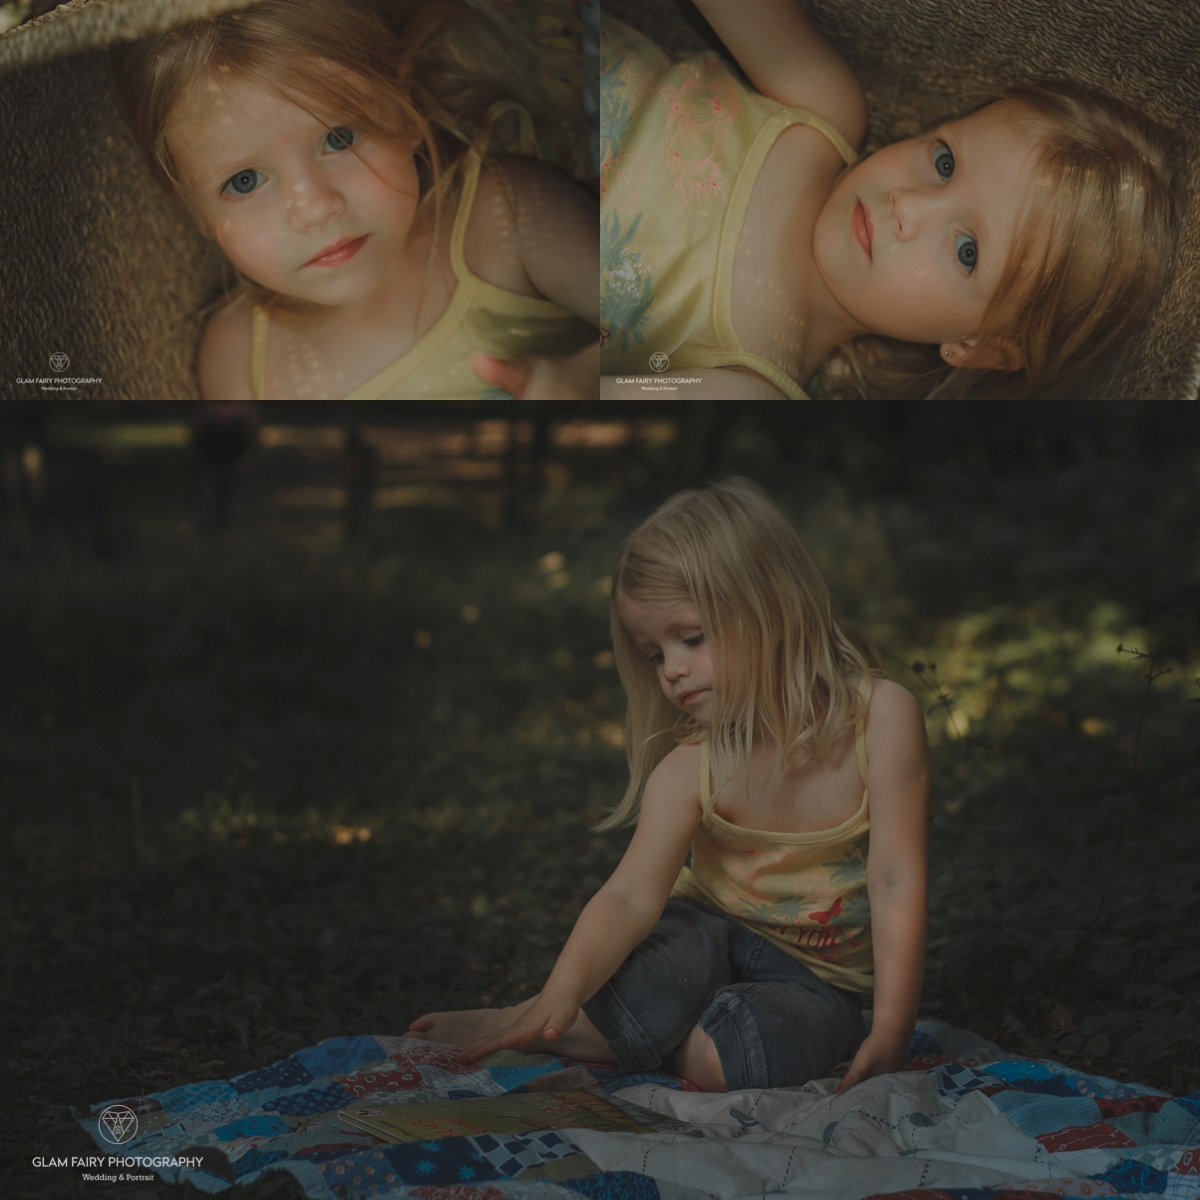 GlamFairyPhotography-photographe-seance-enfant-gipsy-eloise_0009